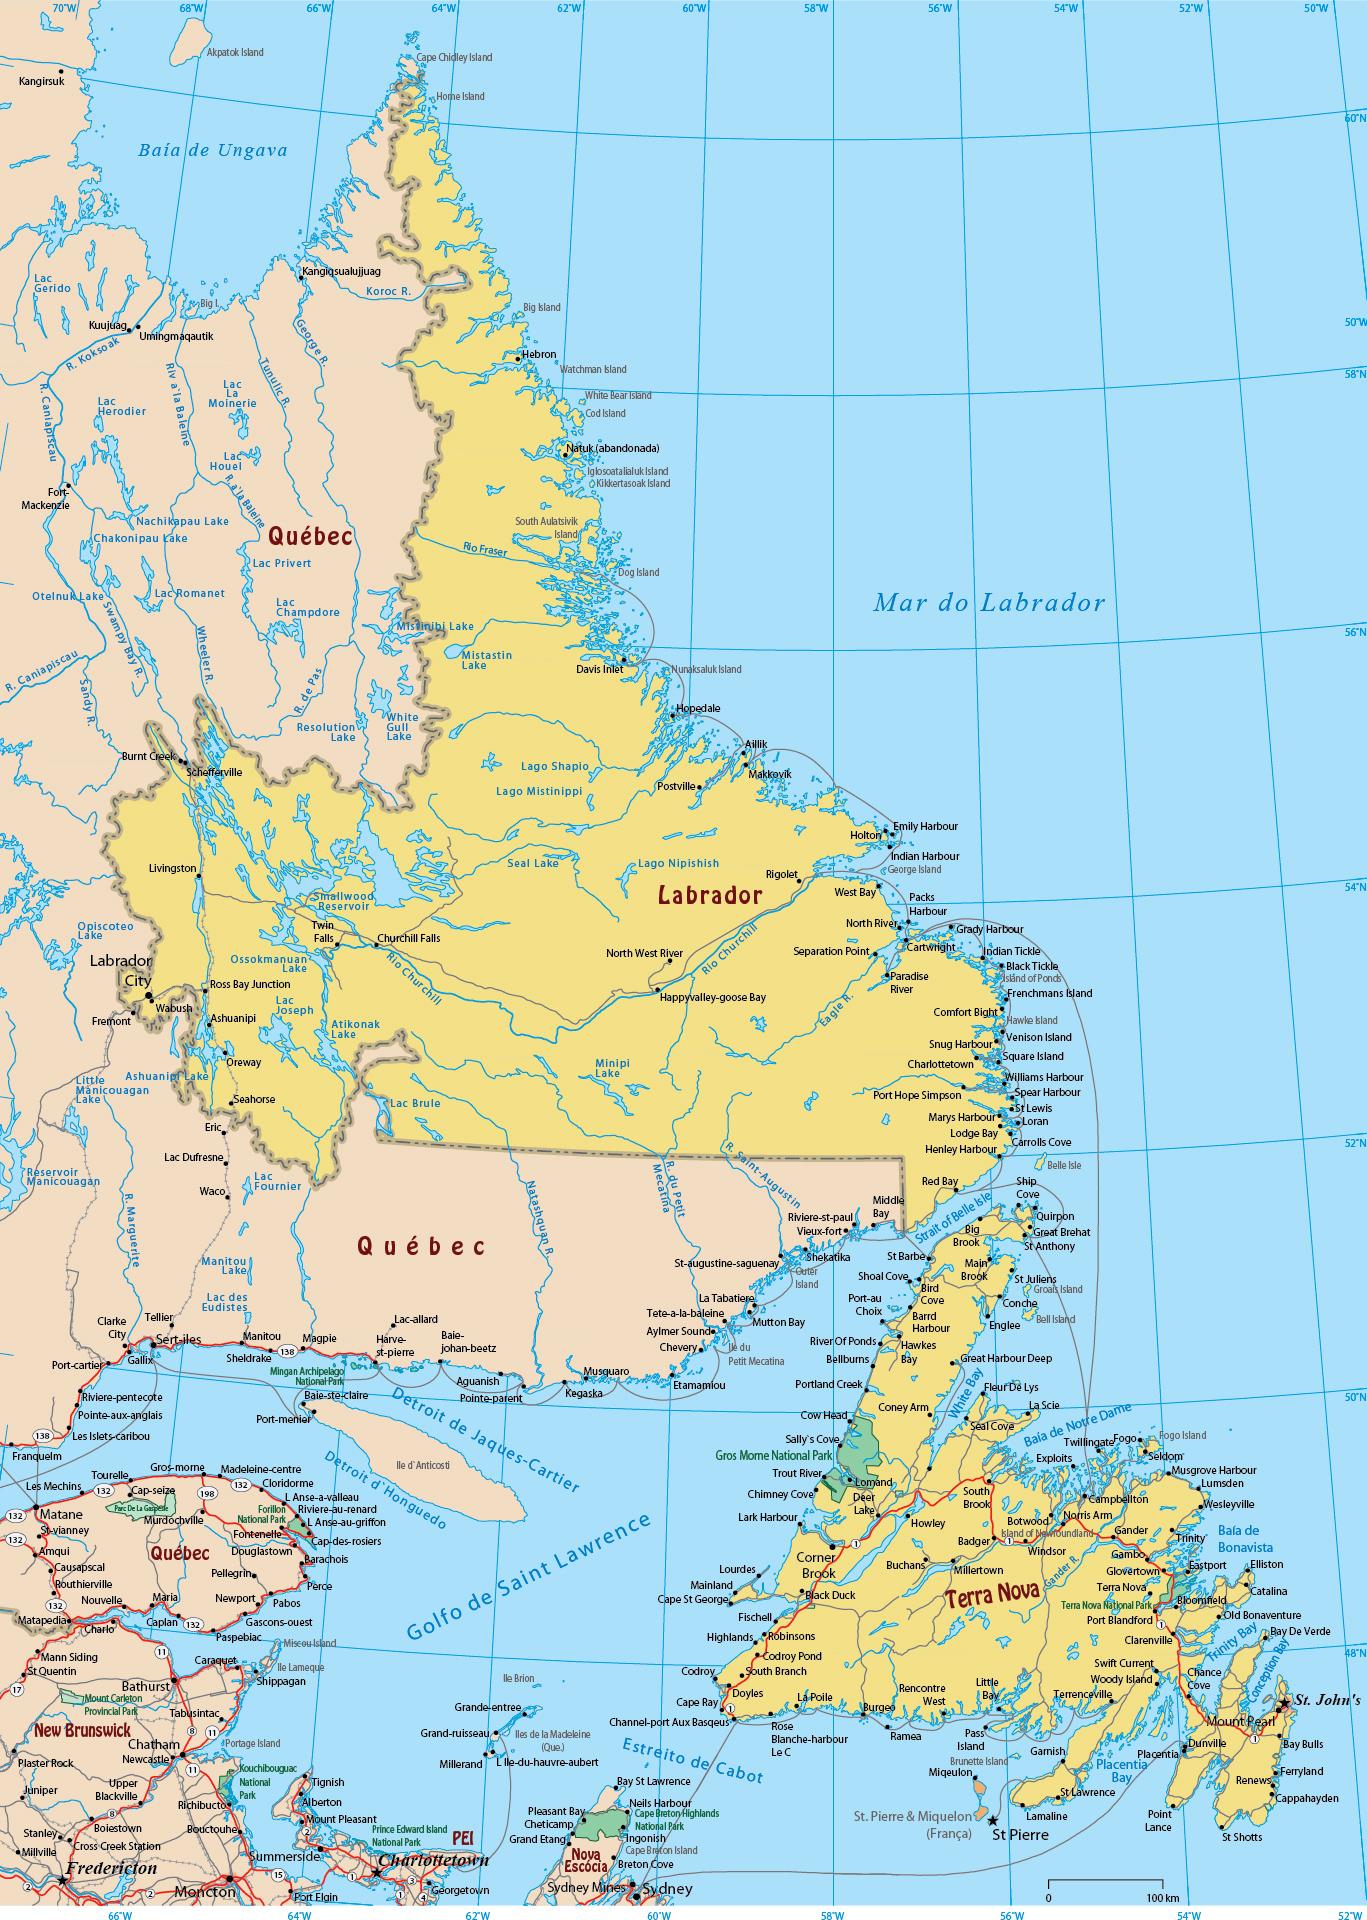 mapa-terra-nova